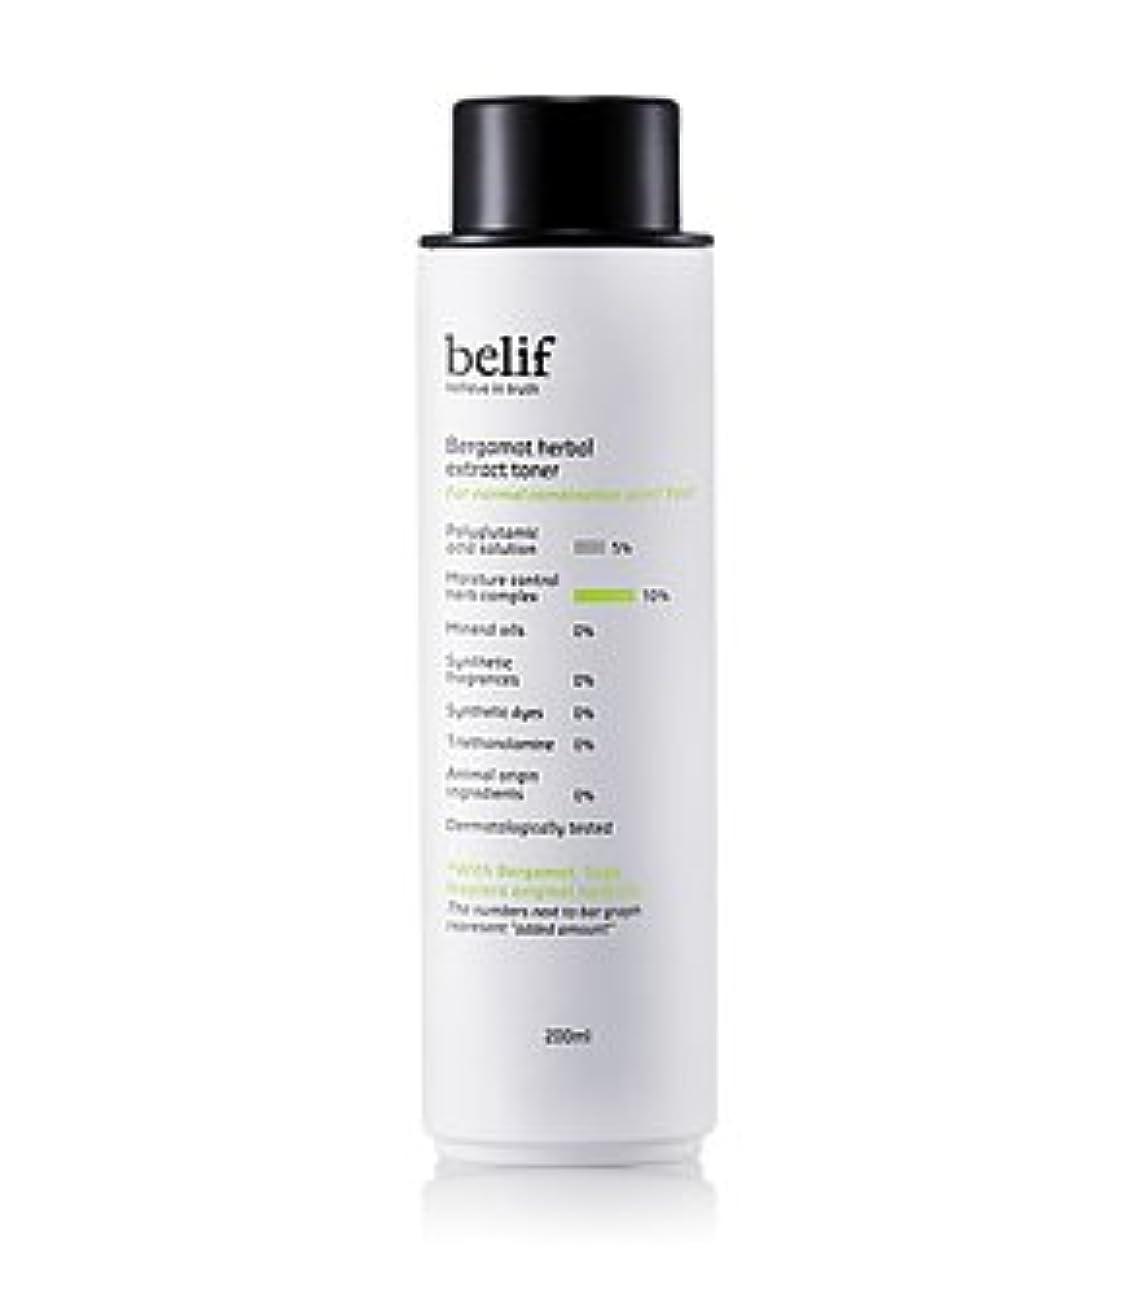 壊れたハッピー病者belf(ビリフ)ベルガモット ハーバル エキストラクト トナー(Bergamot herbal extract toner)200ml